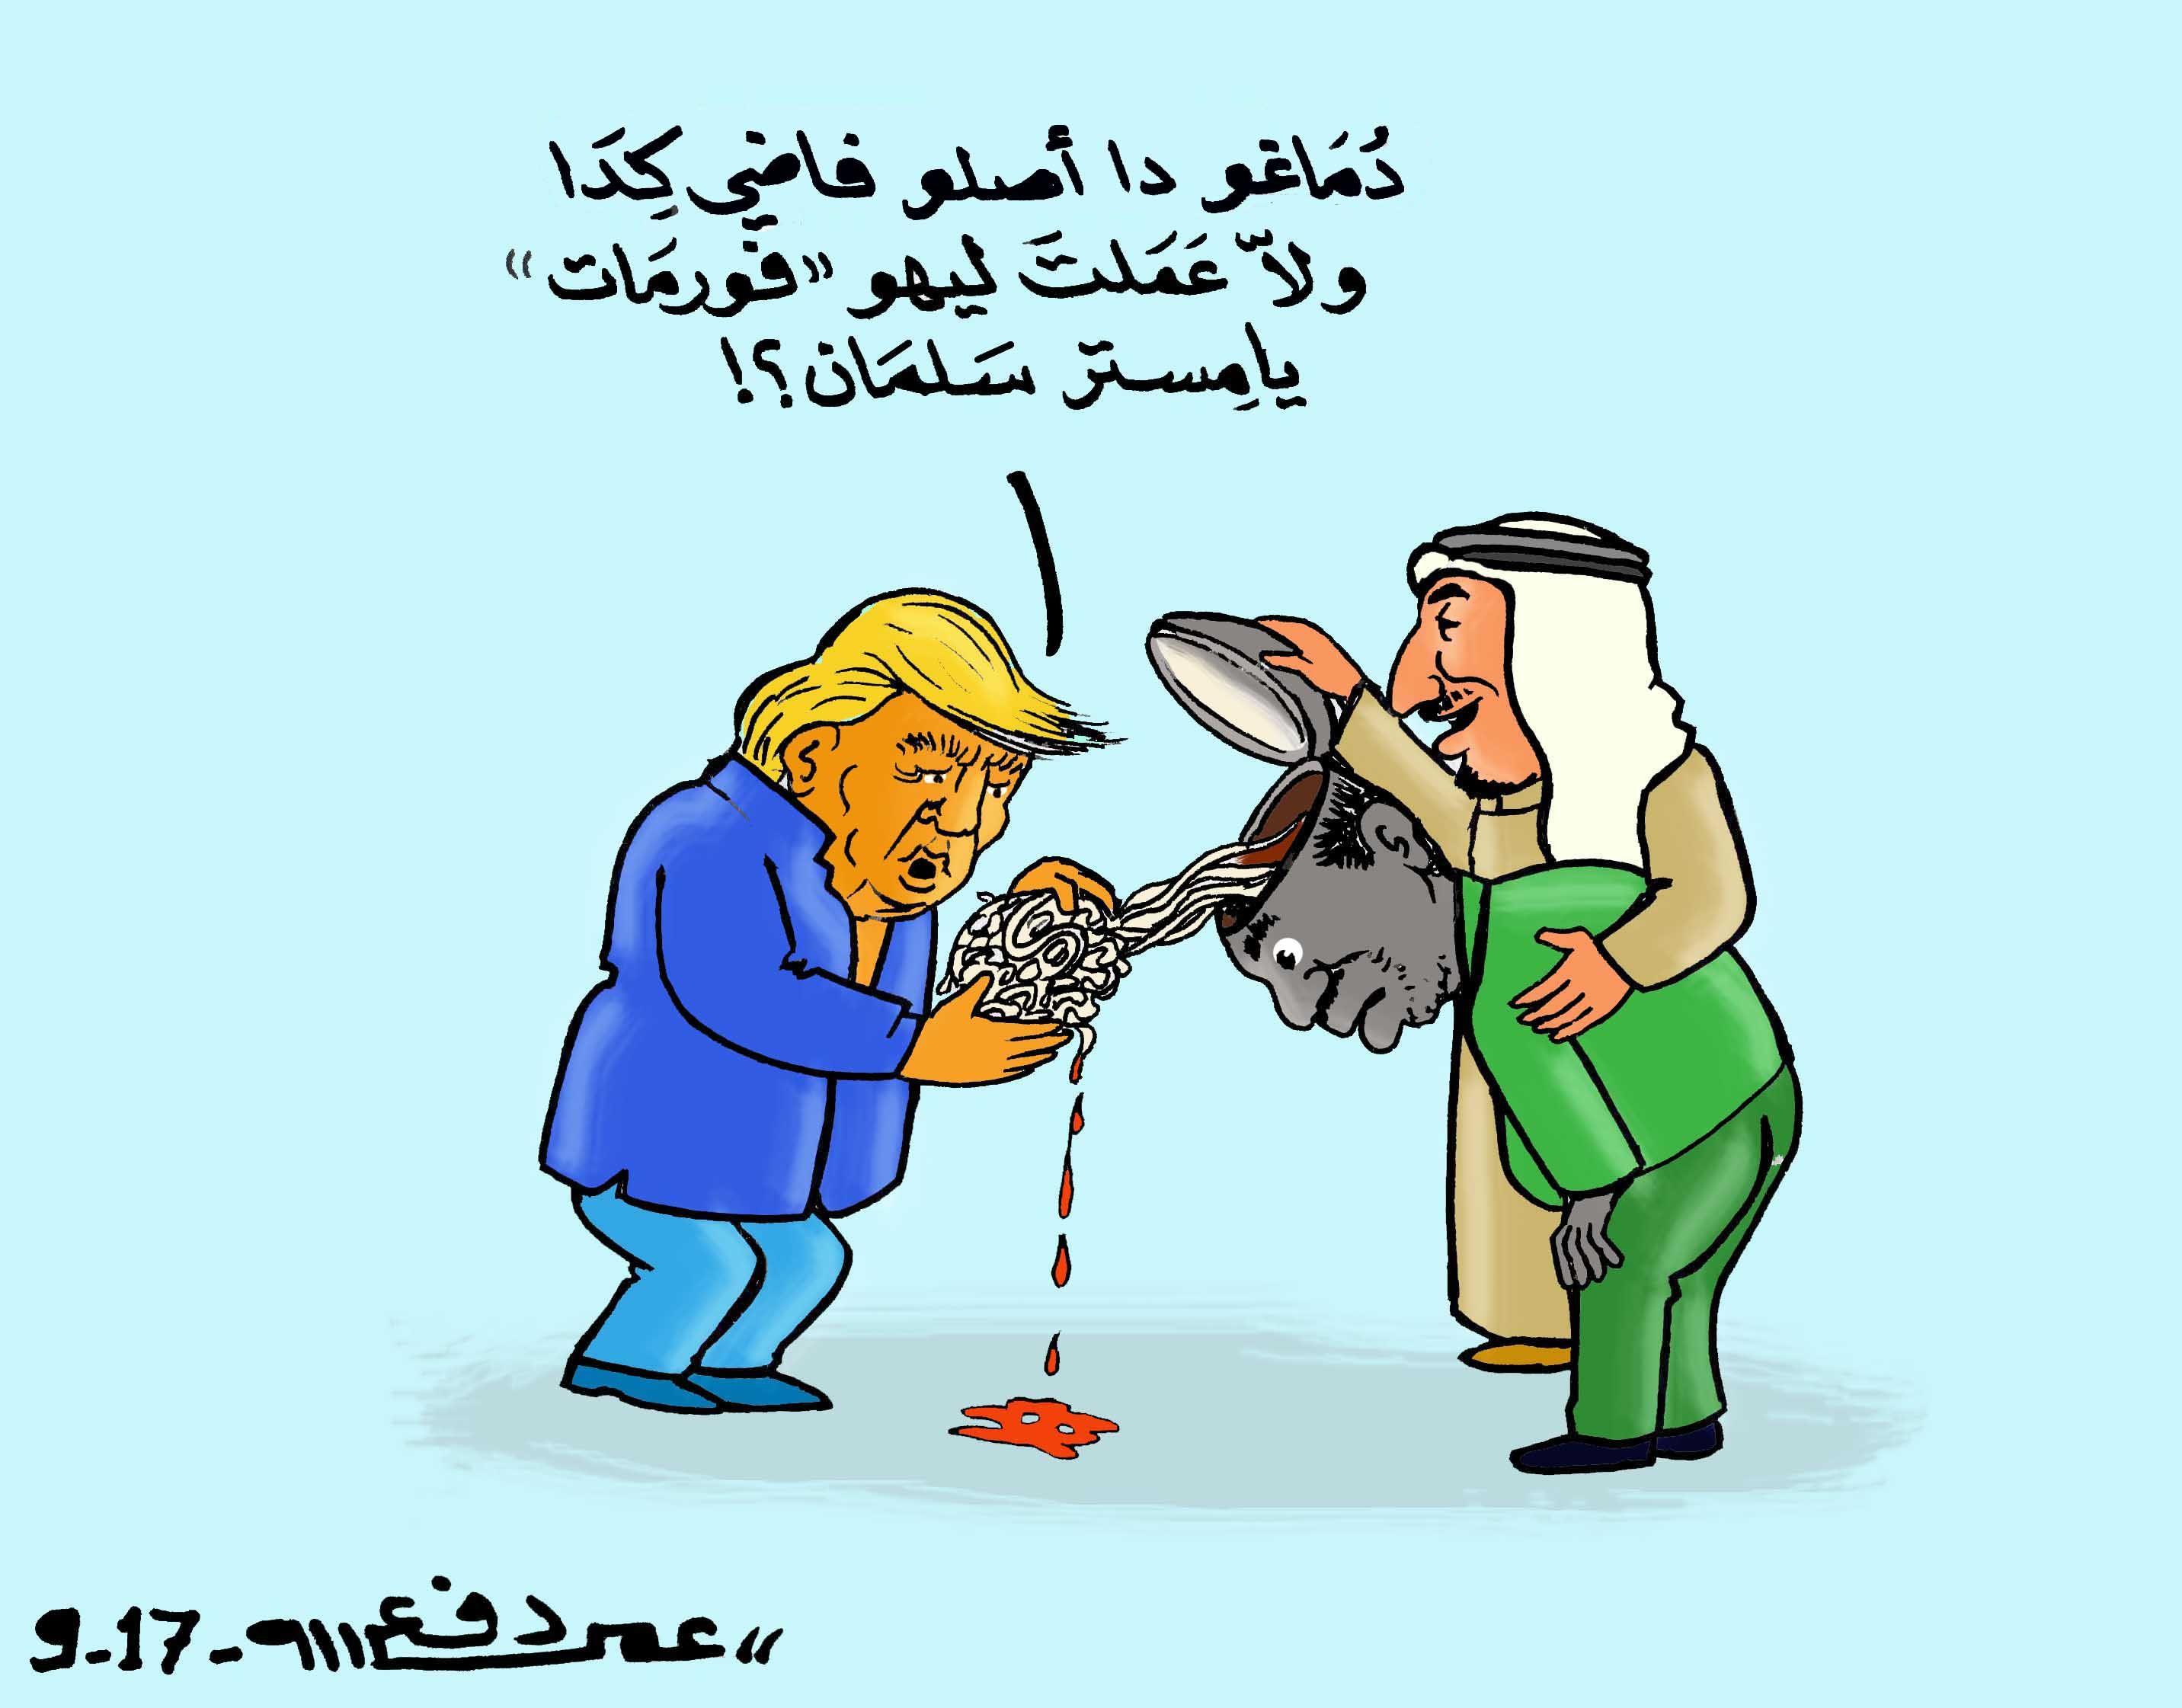 كاركاتير اليوم الموافق 20 سبتمبر 2017 للفنان عمر دفع الله